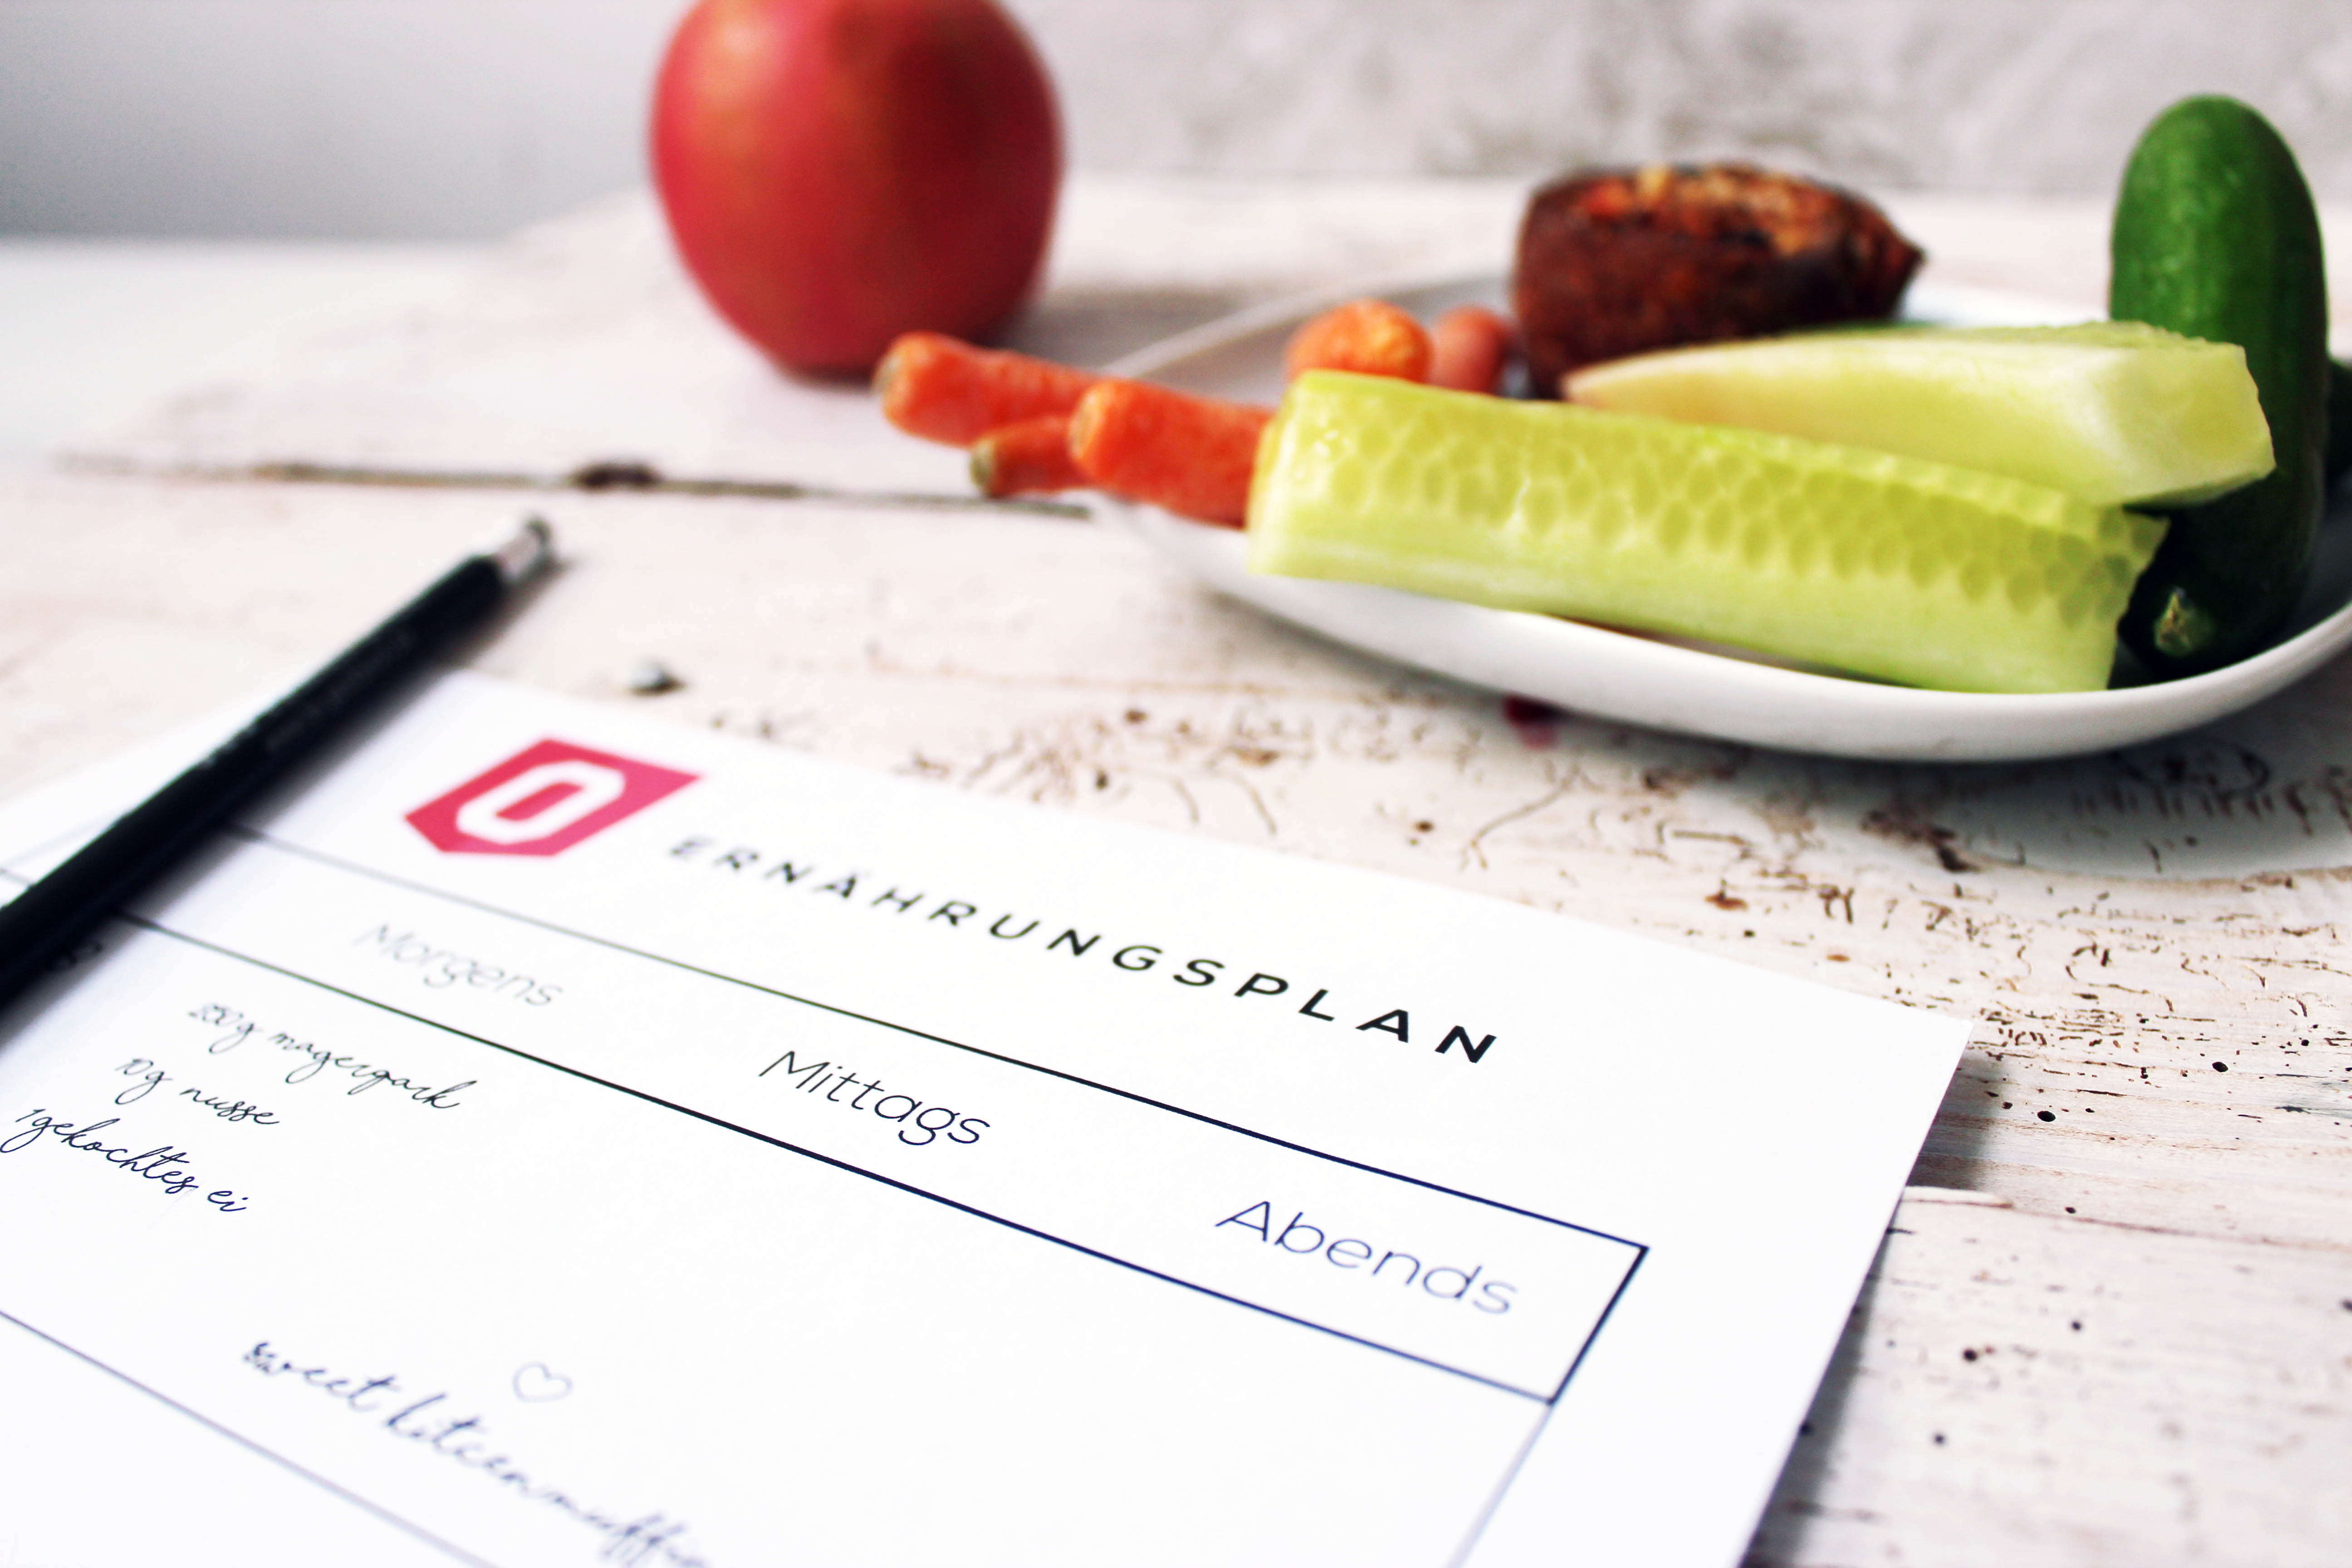 Sweet Kitcen | Size Zero Blog: Wir haben es uns zur Aufgabe gemacht, dir die 10 Wochen Diät zu erleichtern. Mit unseren süßen aber kohlenhydratreduzierten Muffins z.B. oder alternativen Rezeptideen fürs Schlemmen während Deiner Diät. Hier geht's zur Umrechnungstabelle & eBook